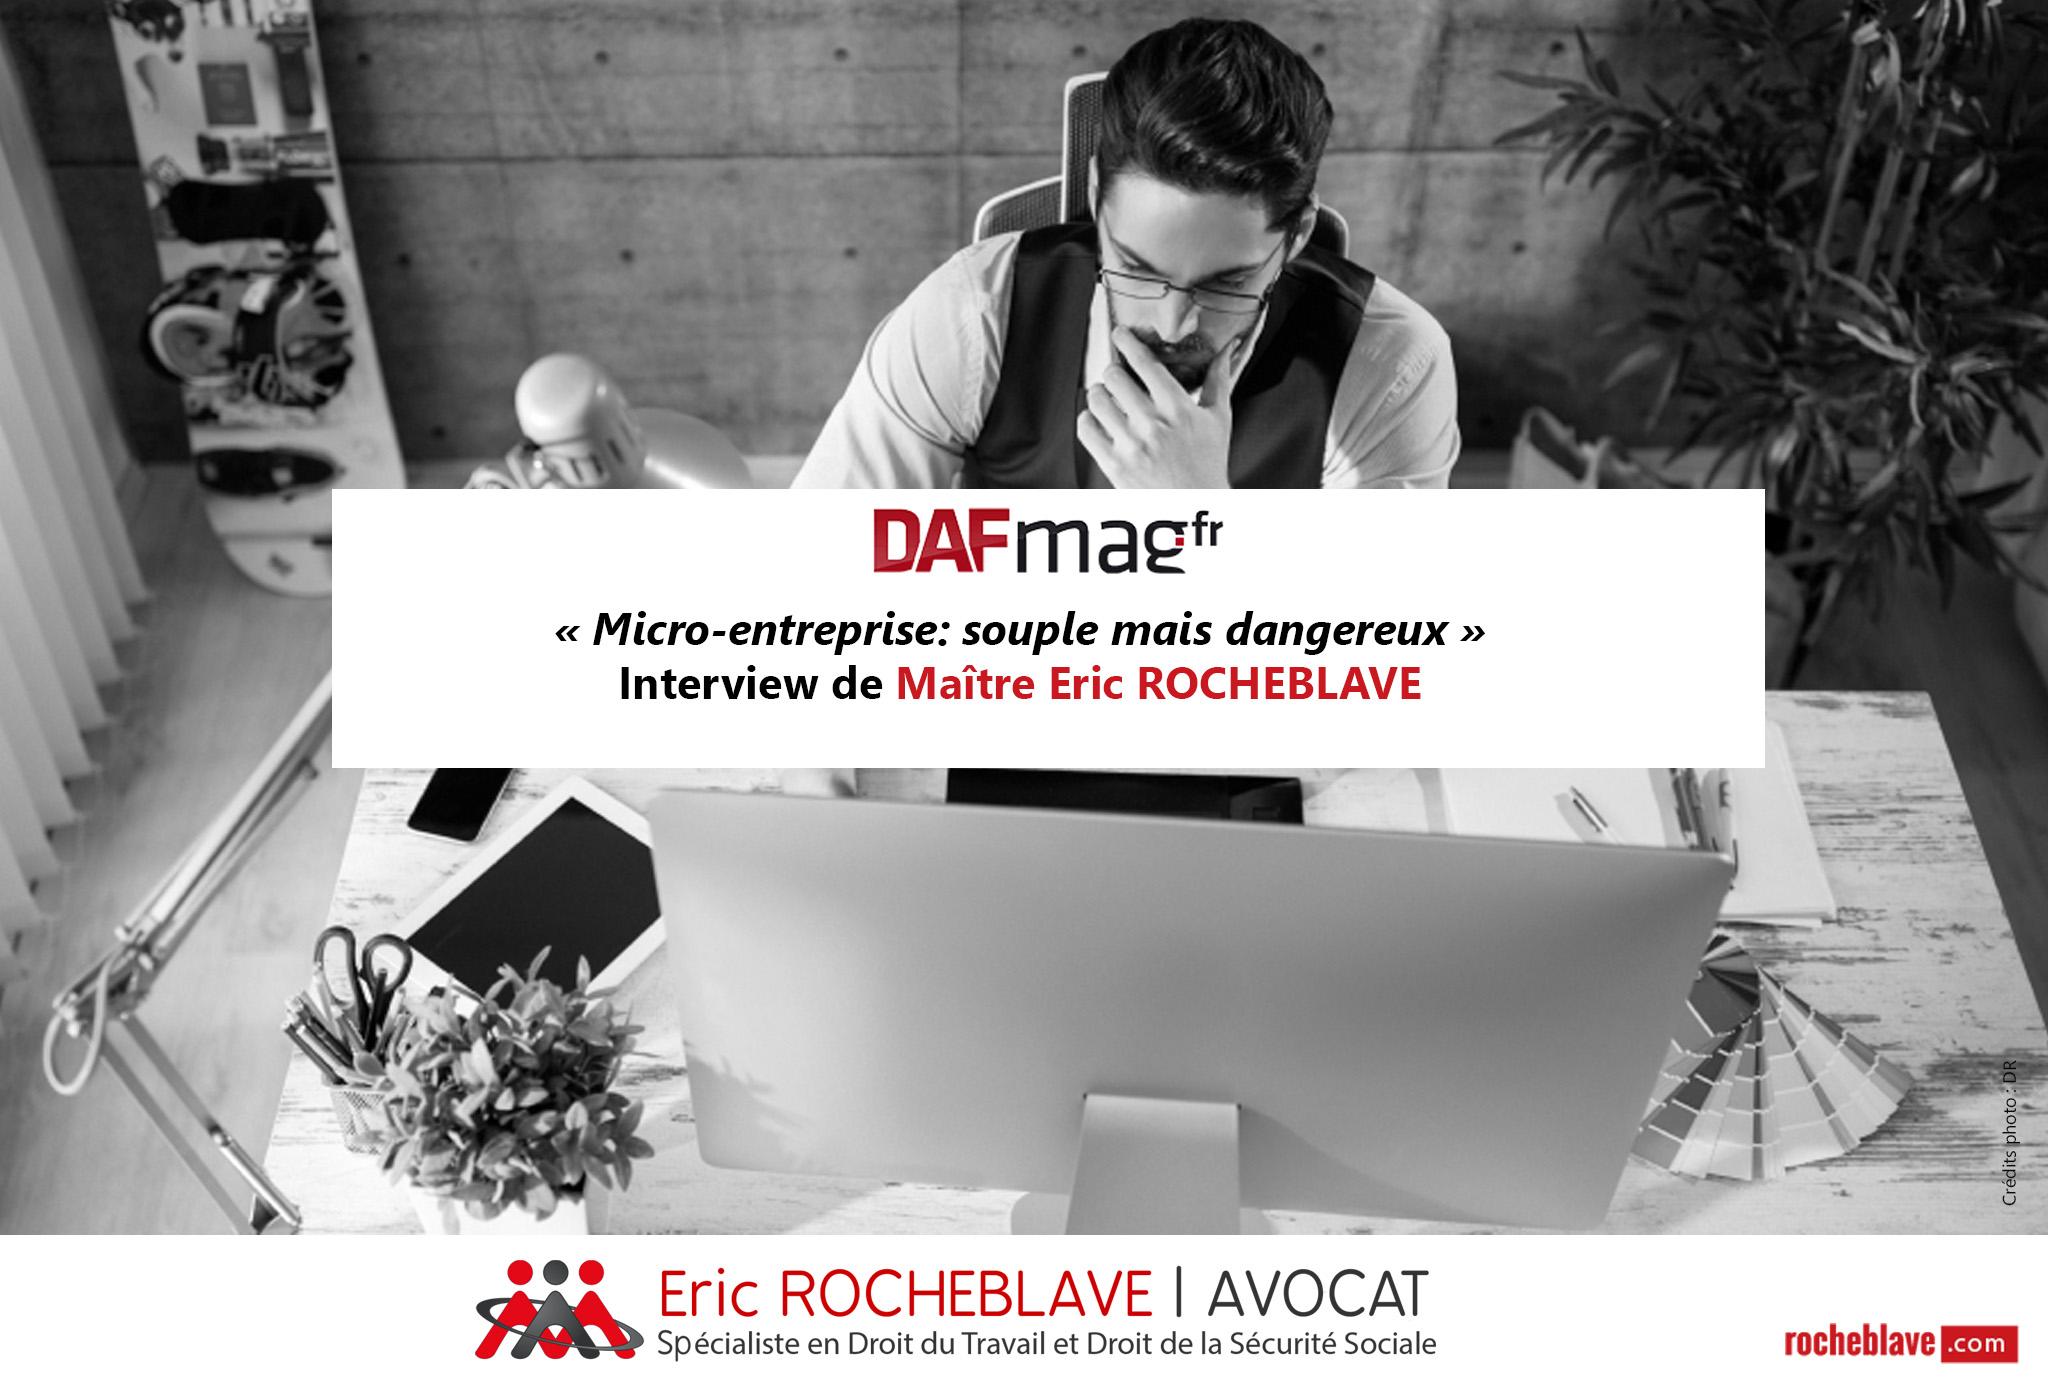 « Micro-entreprise: souple mais dangereux » Interview de Maître Eric ROCHEBLAVE | DAF-mag